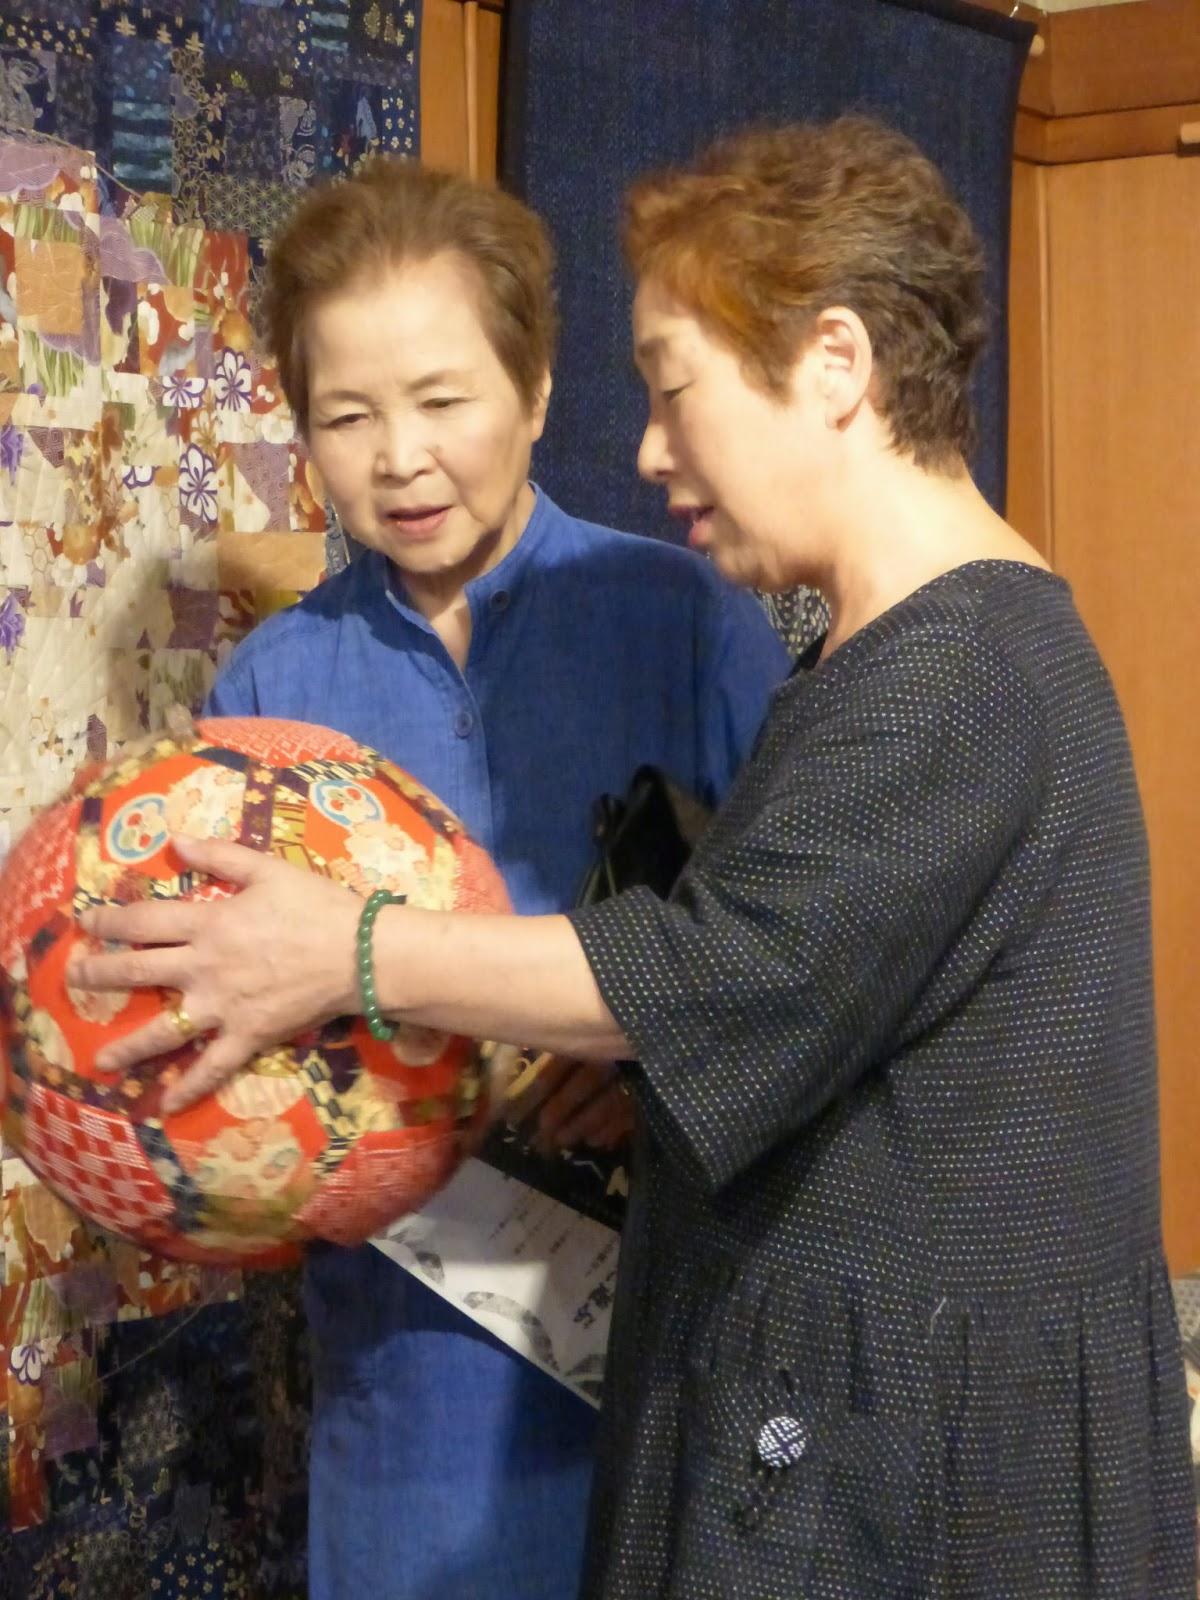 sashiko and other stitching: Meeting old friends around Yuza